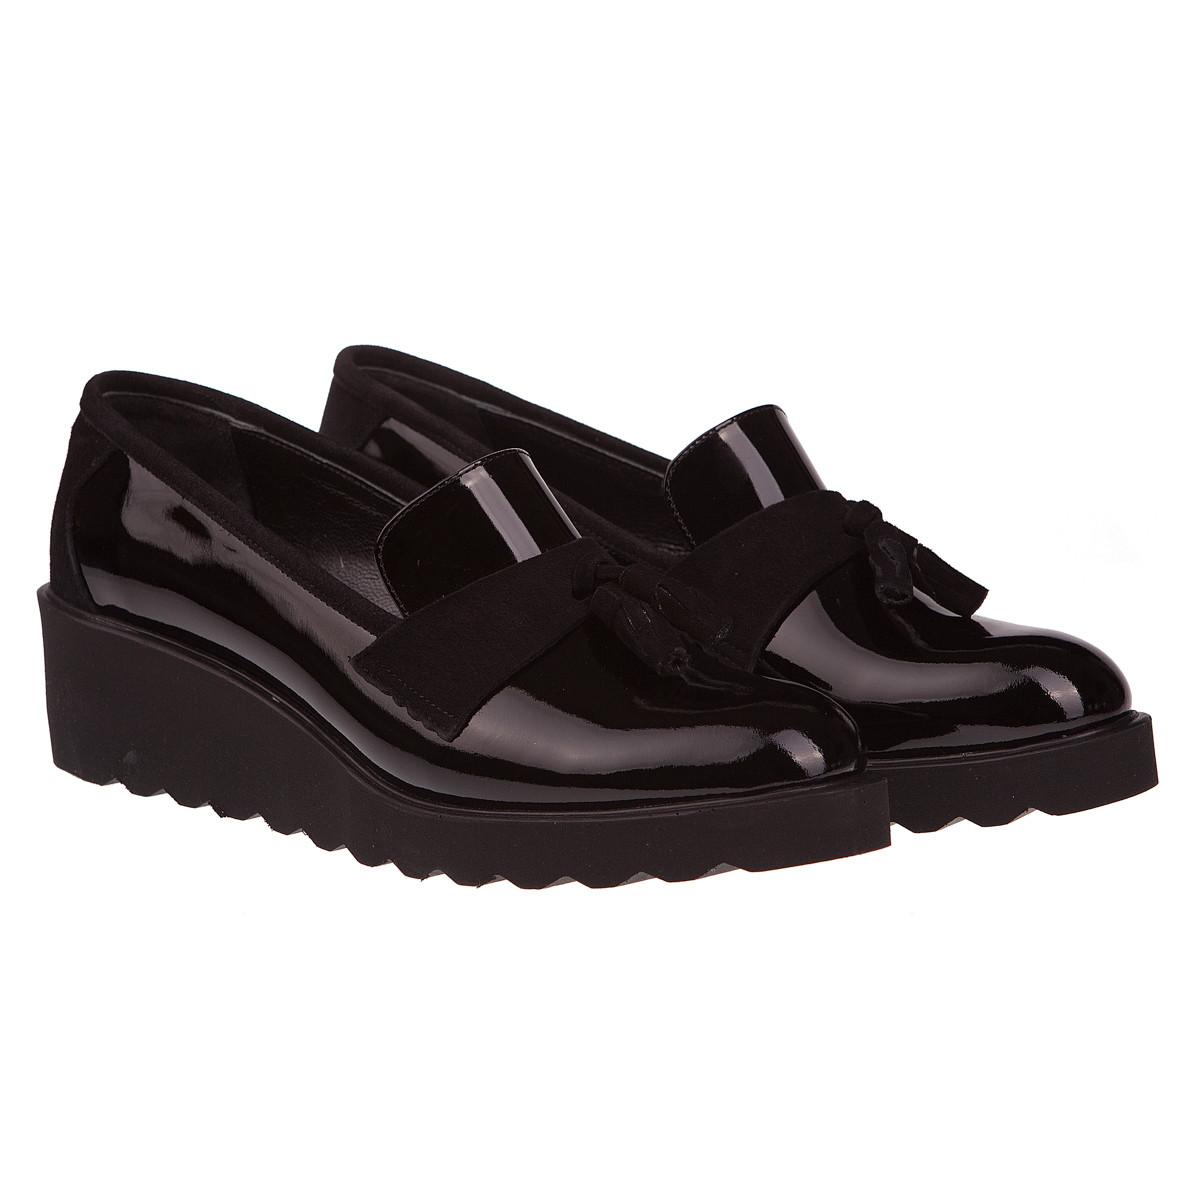 86ea2a14a76c Туфли лоферы женские Ripka (лаковая натуральная кожа, стильные, удобные, на  танкетке)